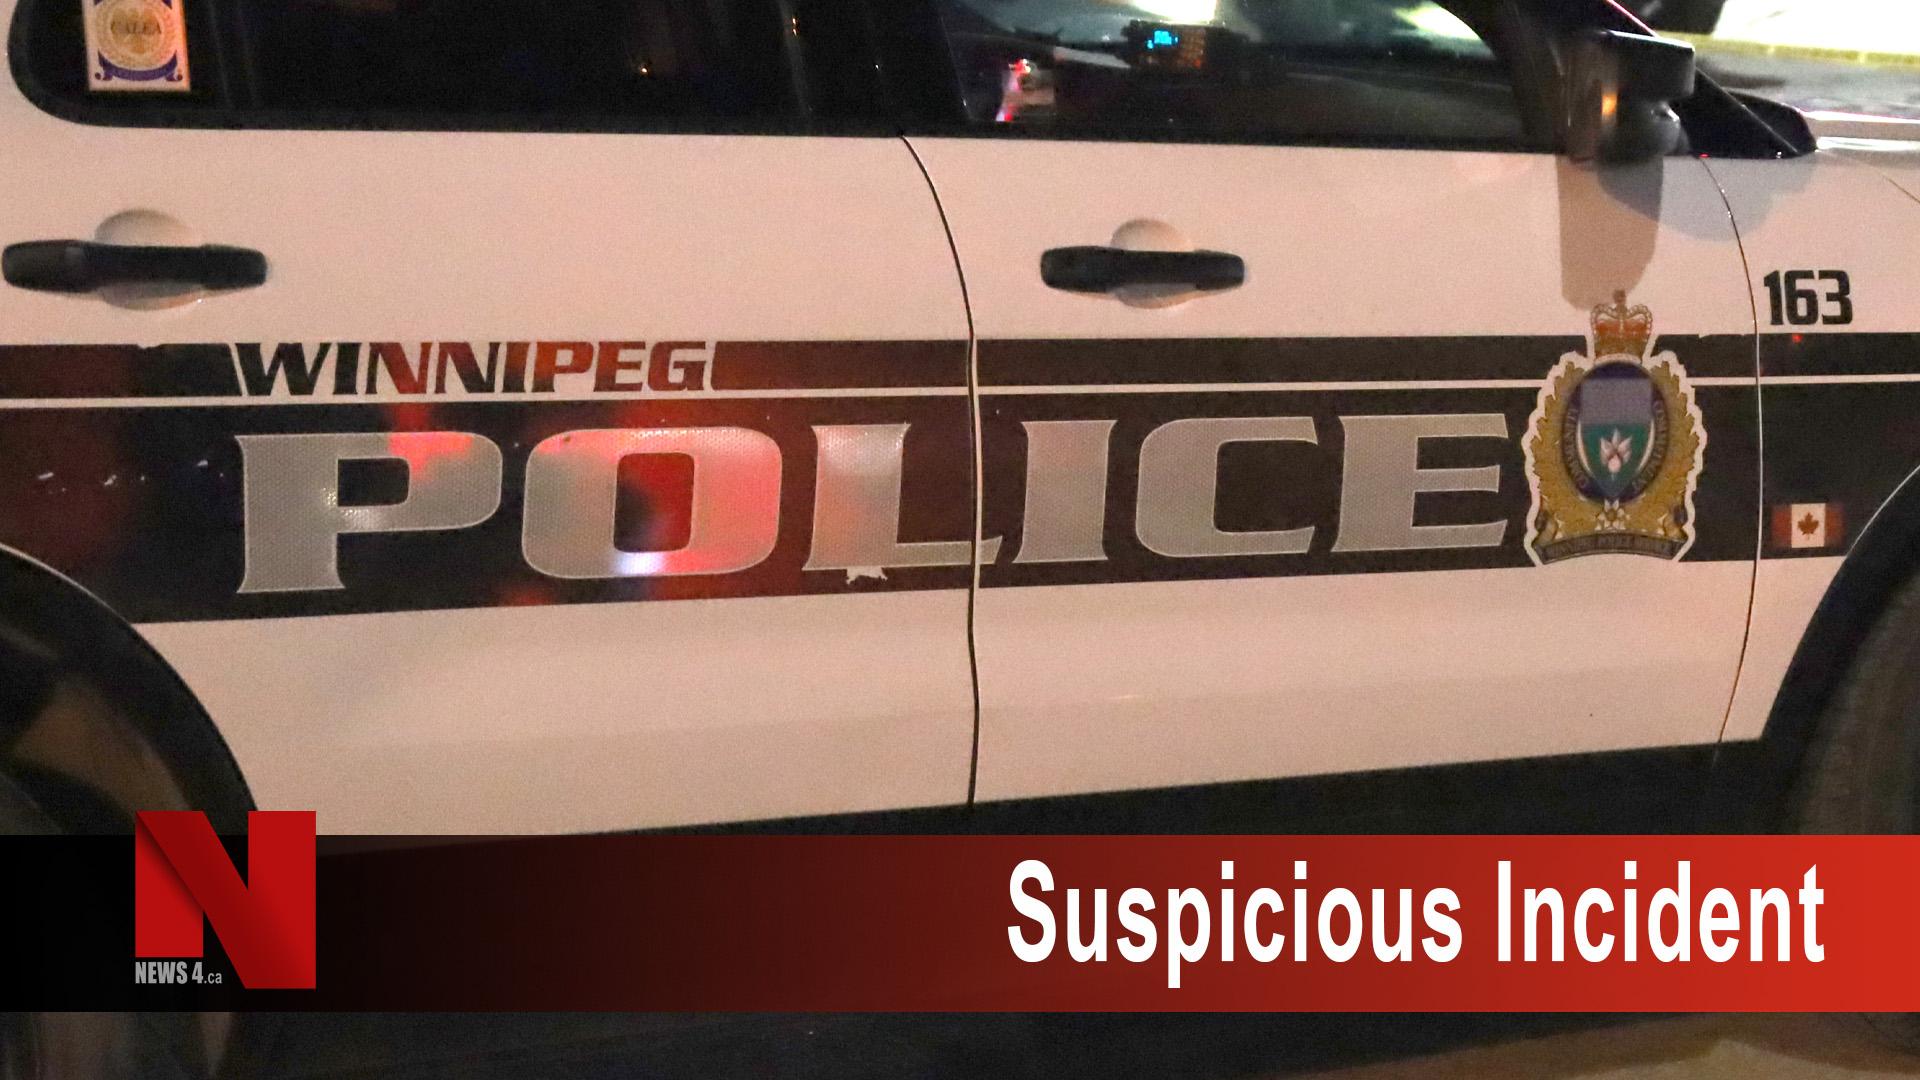 Suspicious Incident